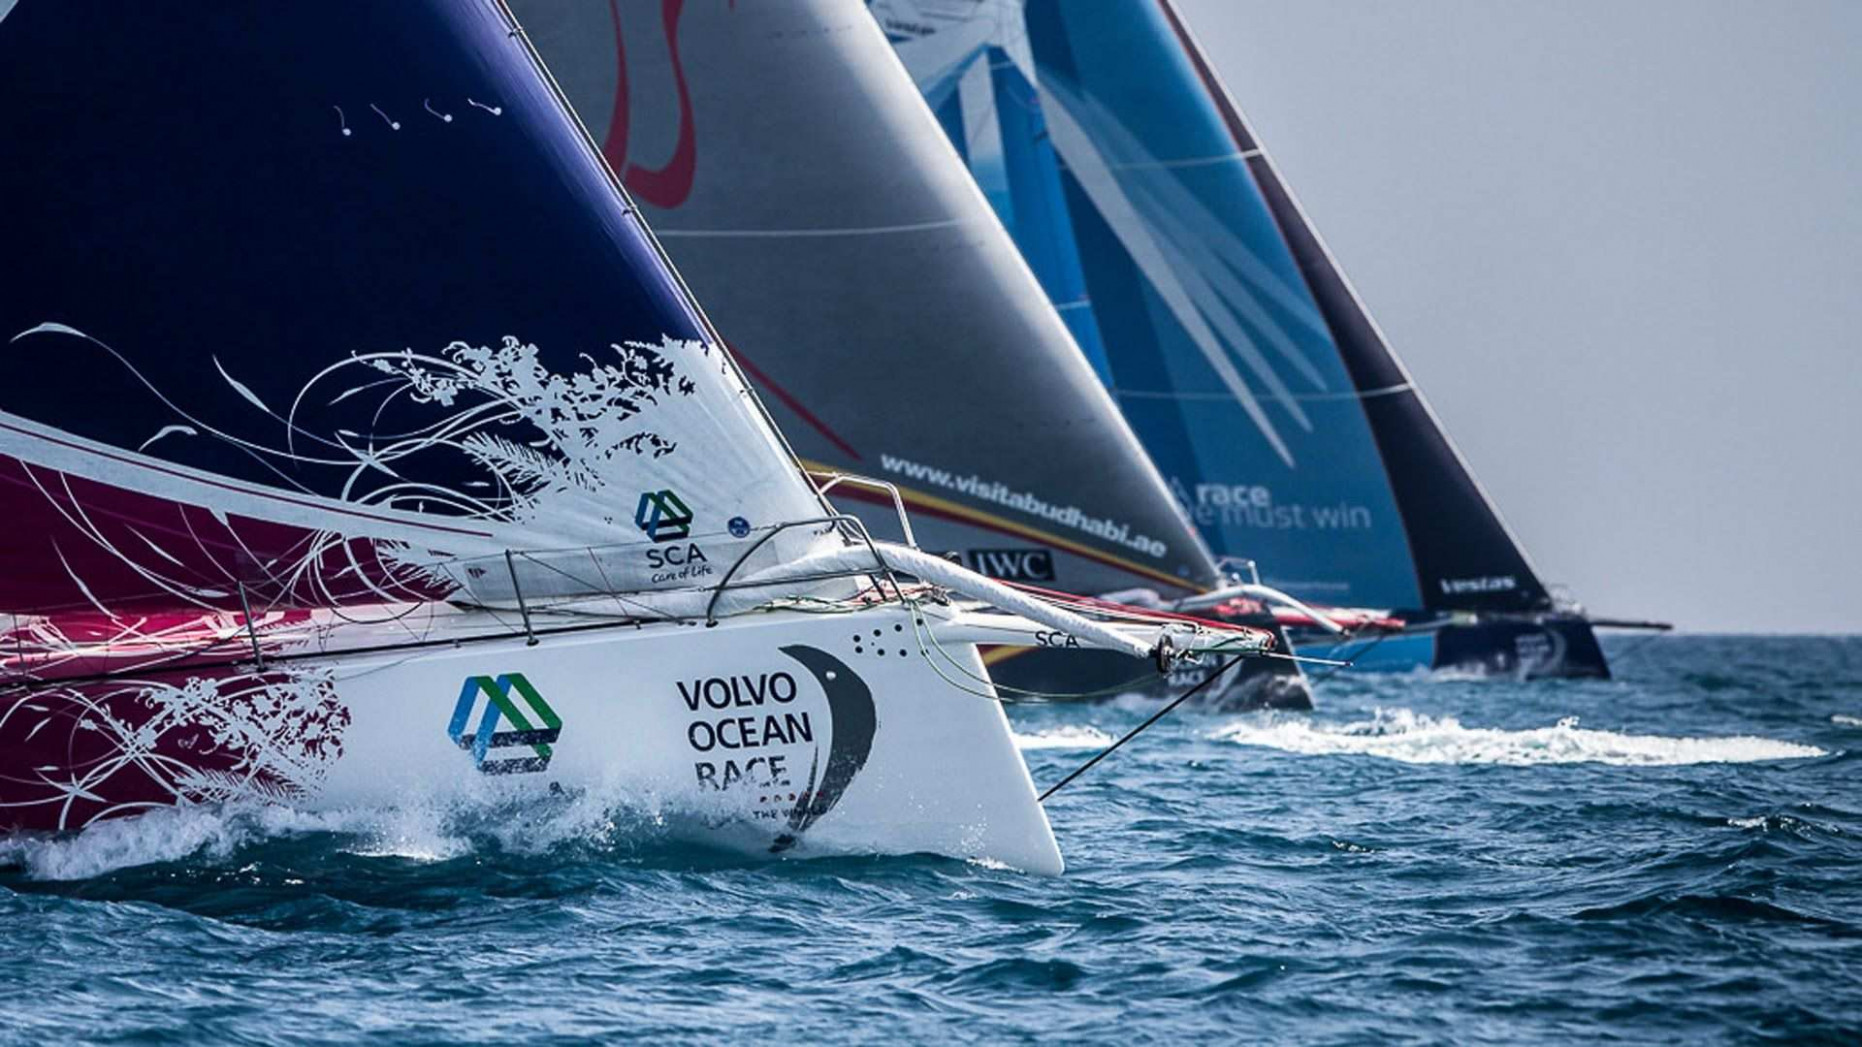 Release Volvo Ocean Race Galway 2022